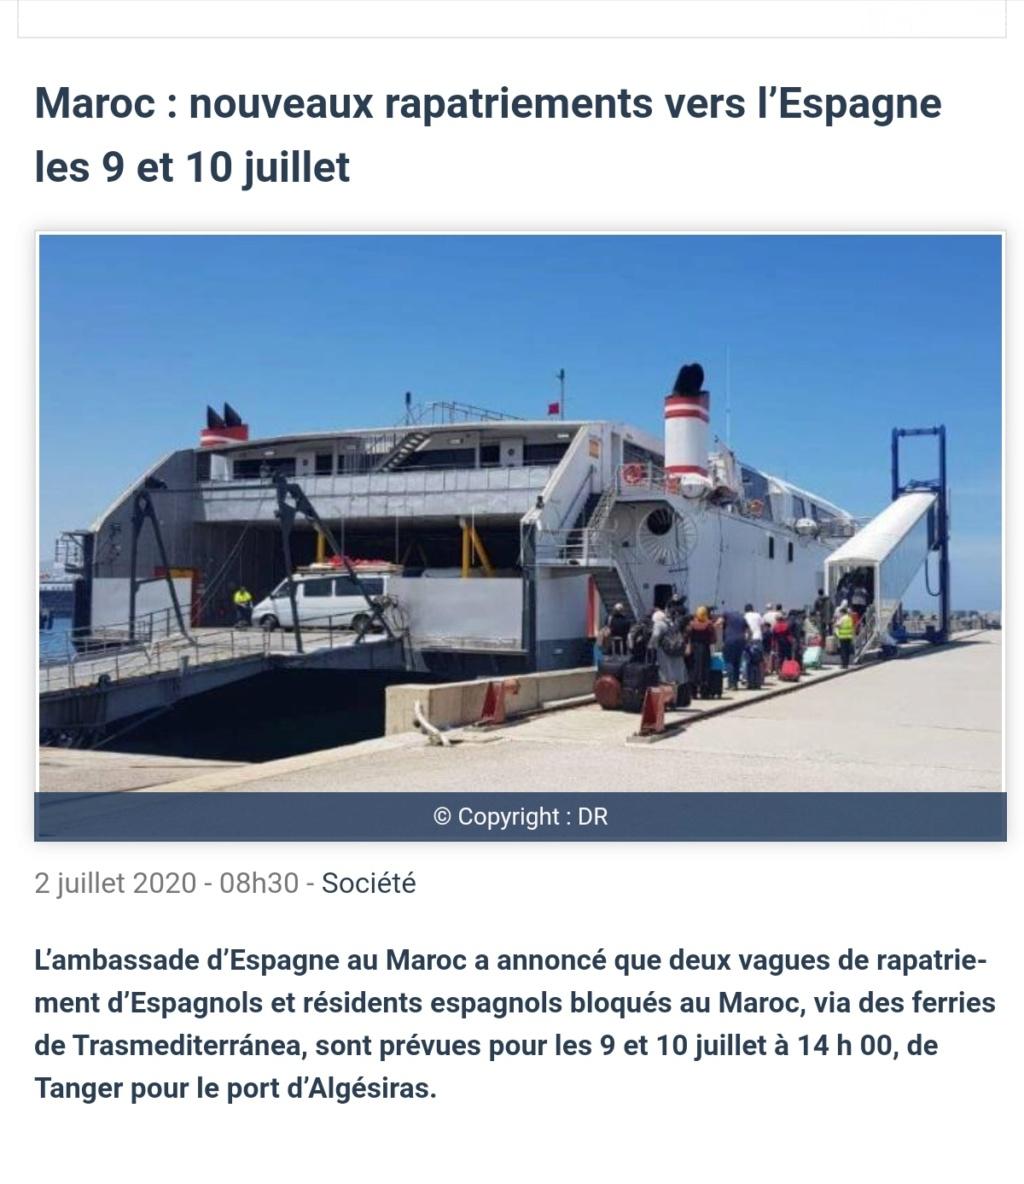 [Maroc/Le Bateau] Bateau du 4 juillet Tanger Med Algeciras (éventuellement 5-6 voir 7) Img_2046